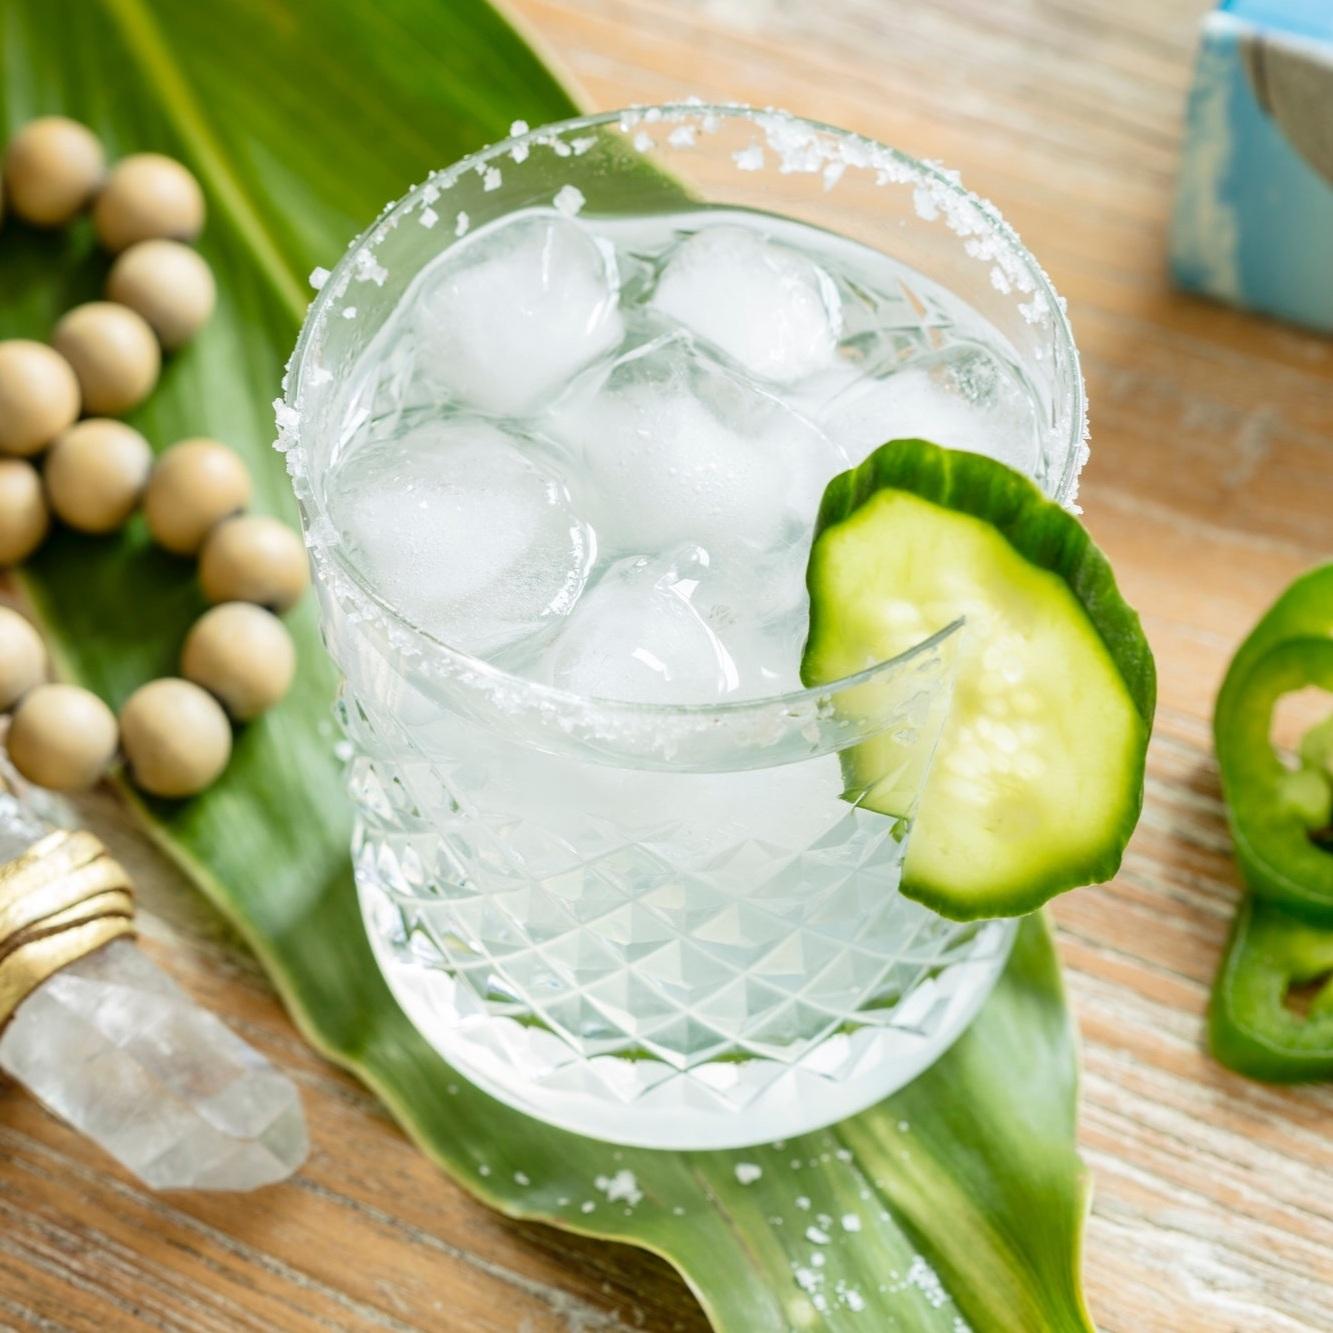 Spicy Skinnyseed Margarita